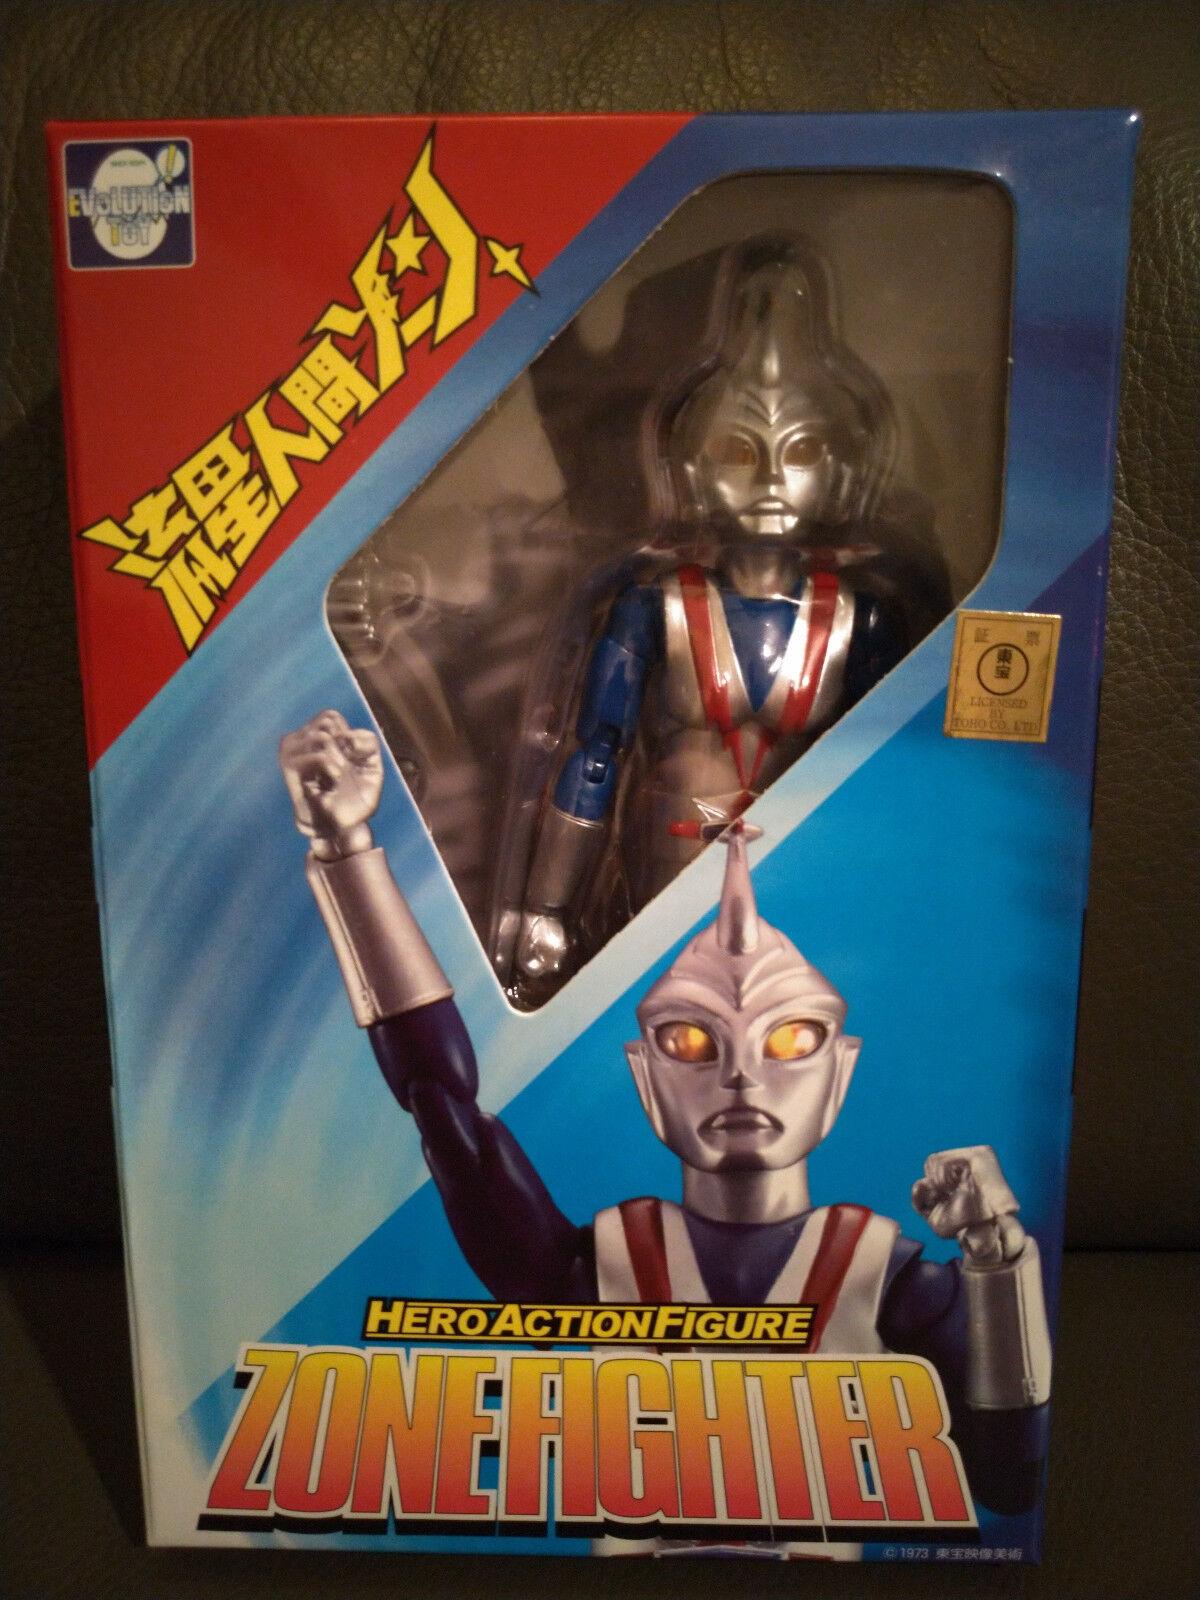 Evolution giocattolo HAF Hero azione cifra Series   Zone combatiente  17cm  prezzo all'ingrosso e qualità affidabile